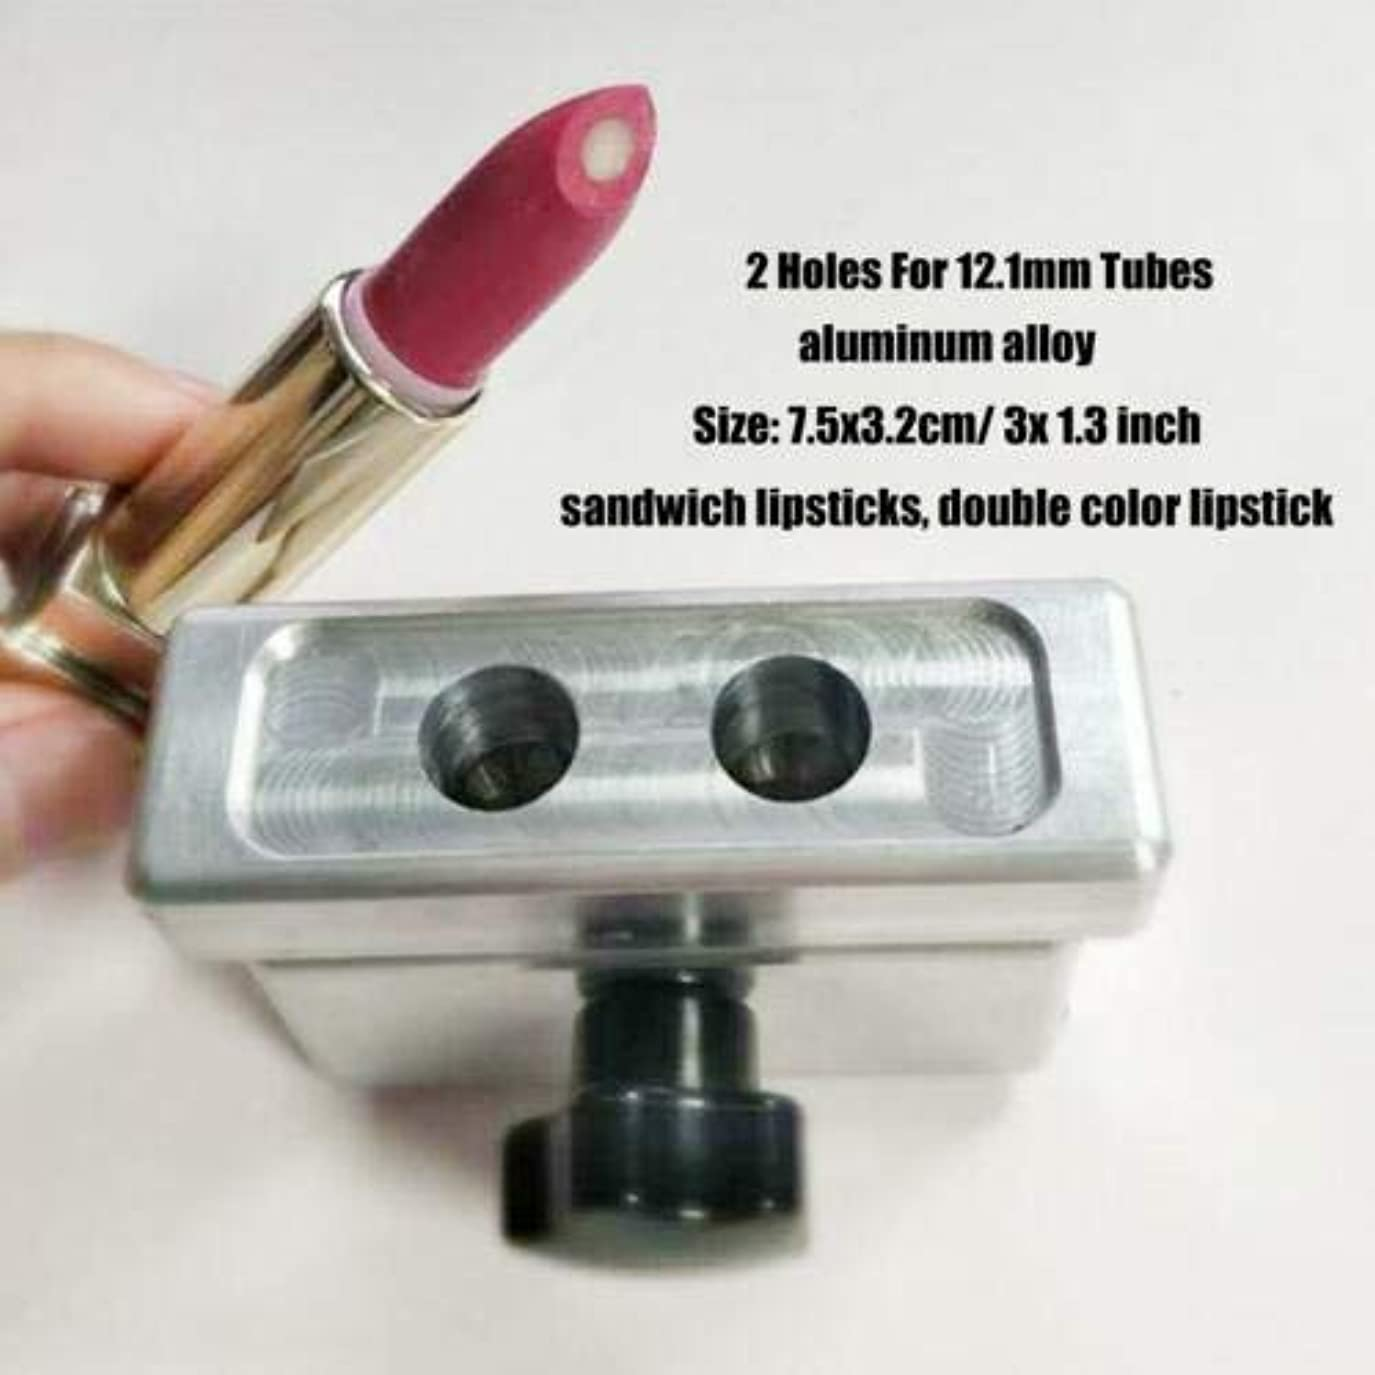 セッションプランテーション指紋FidgetGear DIY口紅型リップスティック型メーカー2 4 6穴用9 mm 11.1 mm 12.1 mmチューブ #5(2穴12.1mm)